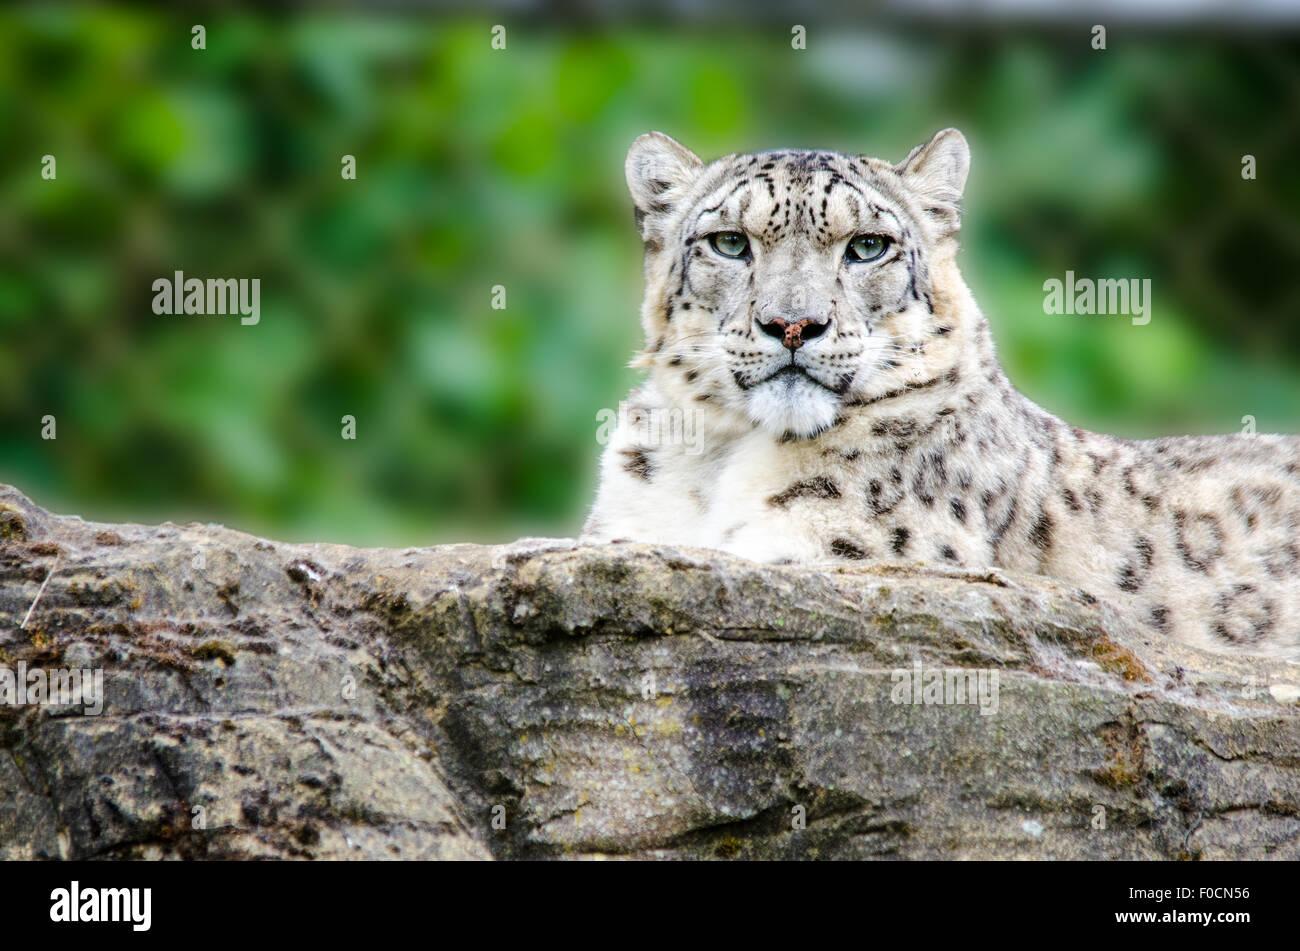 Snow Leopard tumbado sobre una roca en un zoológico Imagen De Stock